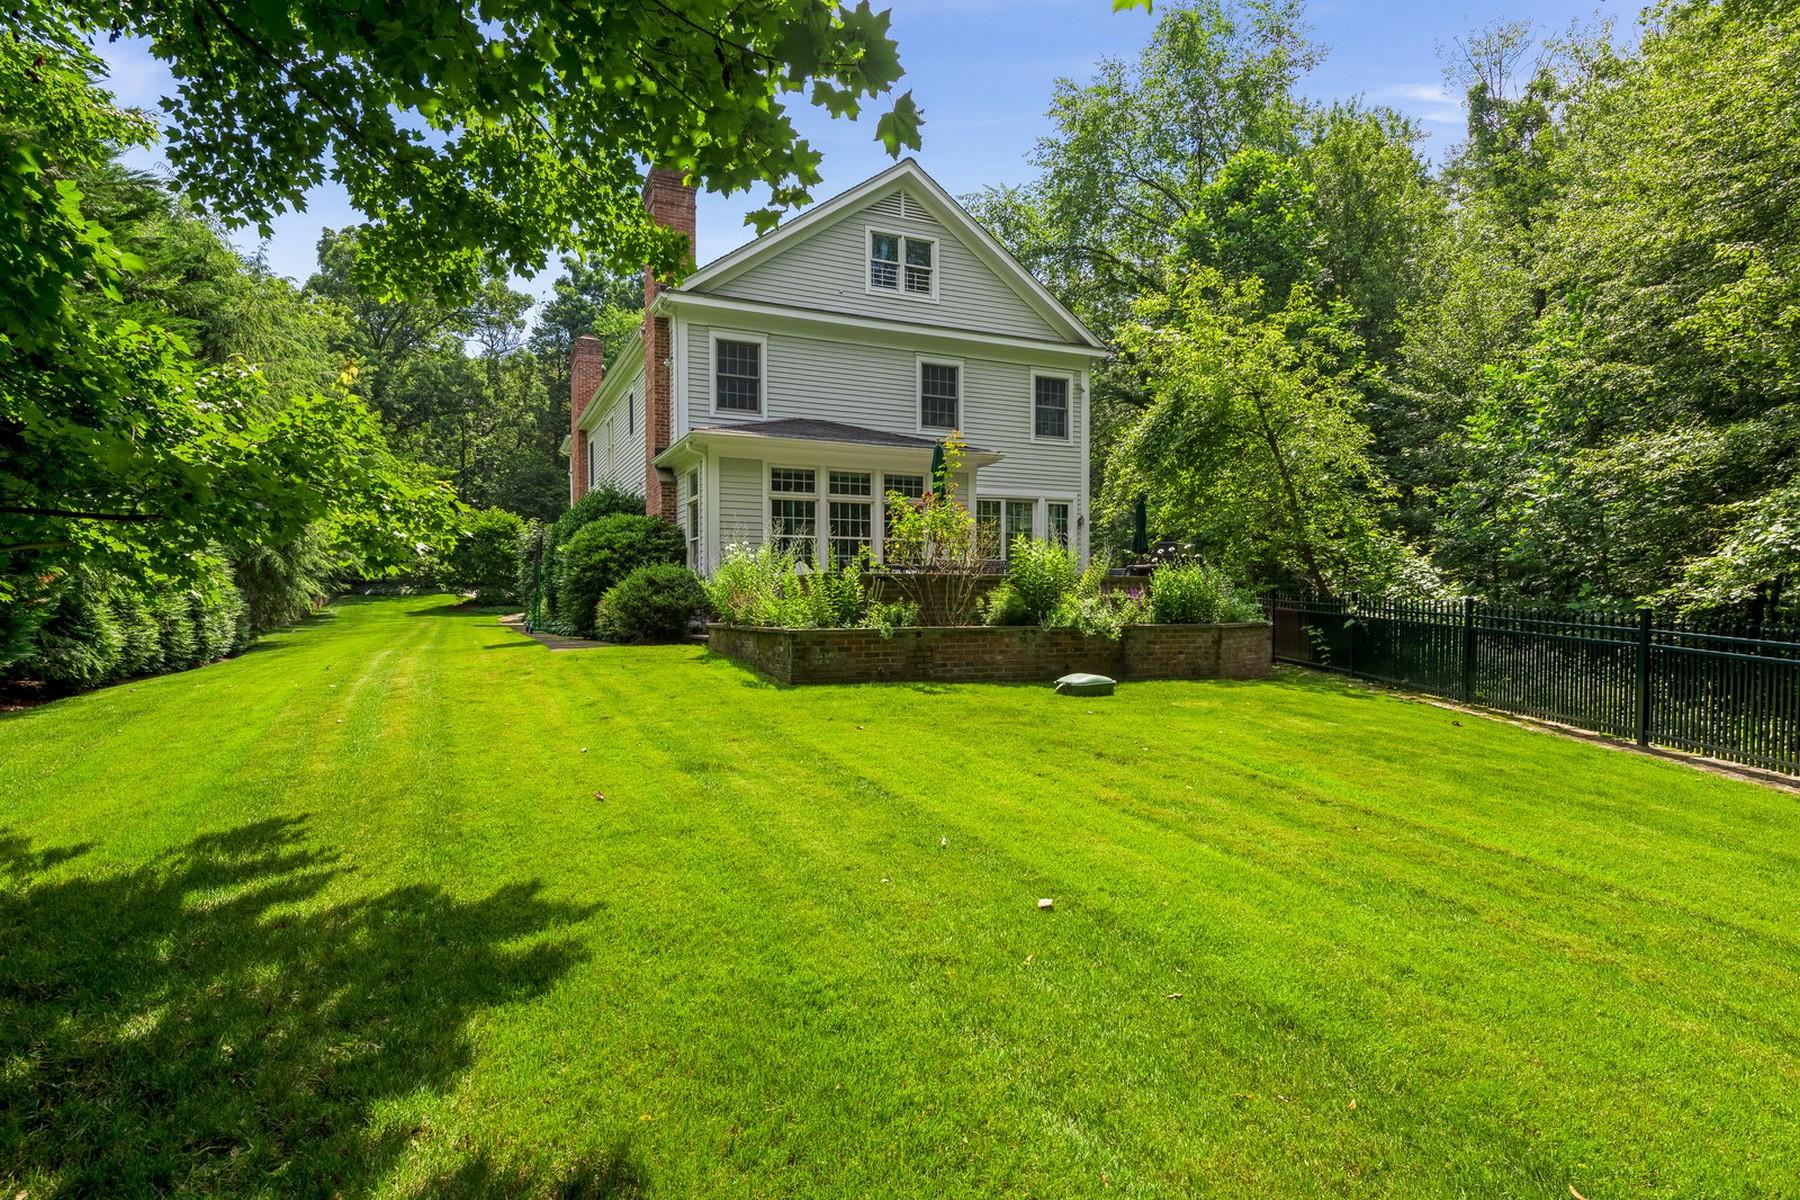 Nhà ở một gia đình vì Bán tại 3 Waterbury Lane Darien, Connecticut, 06820 Hoa Kỳ